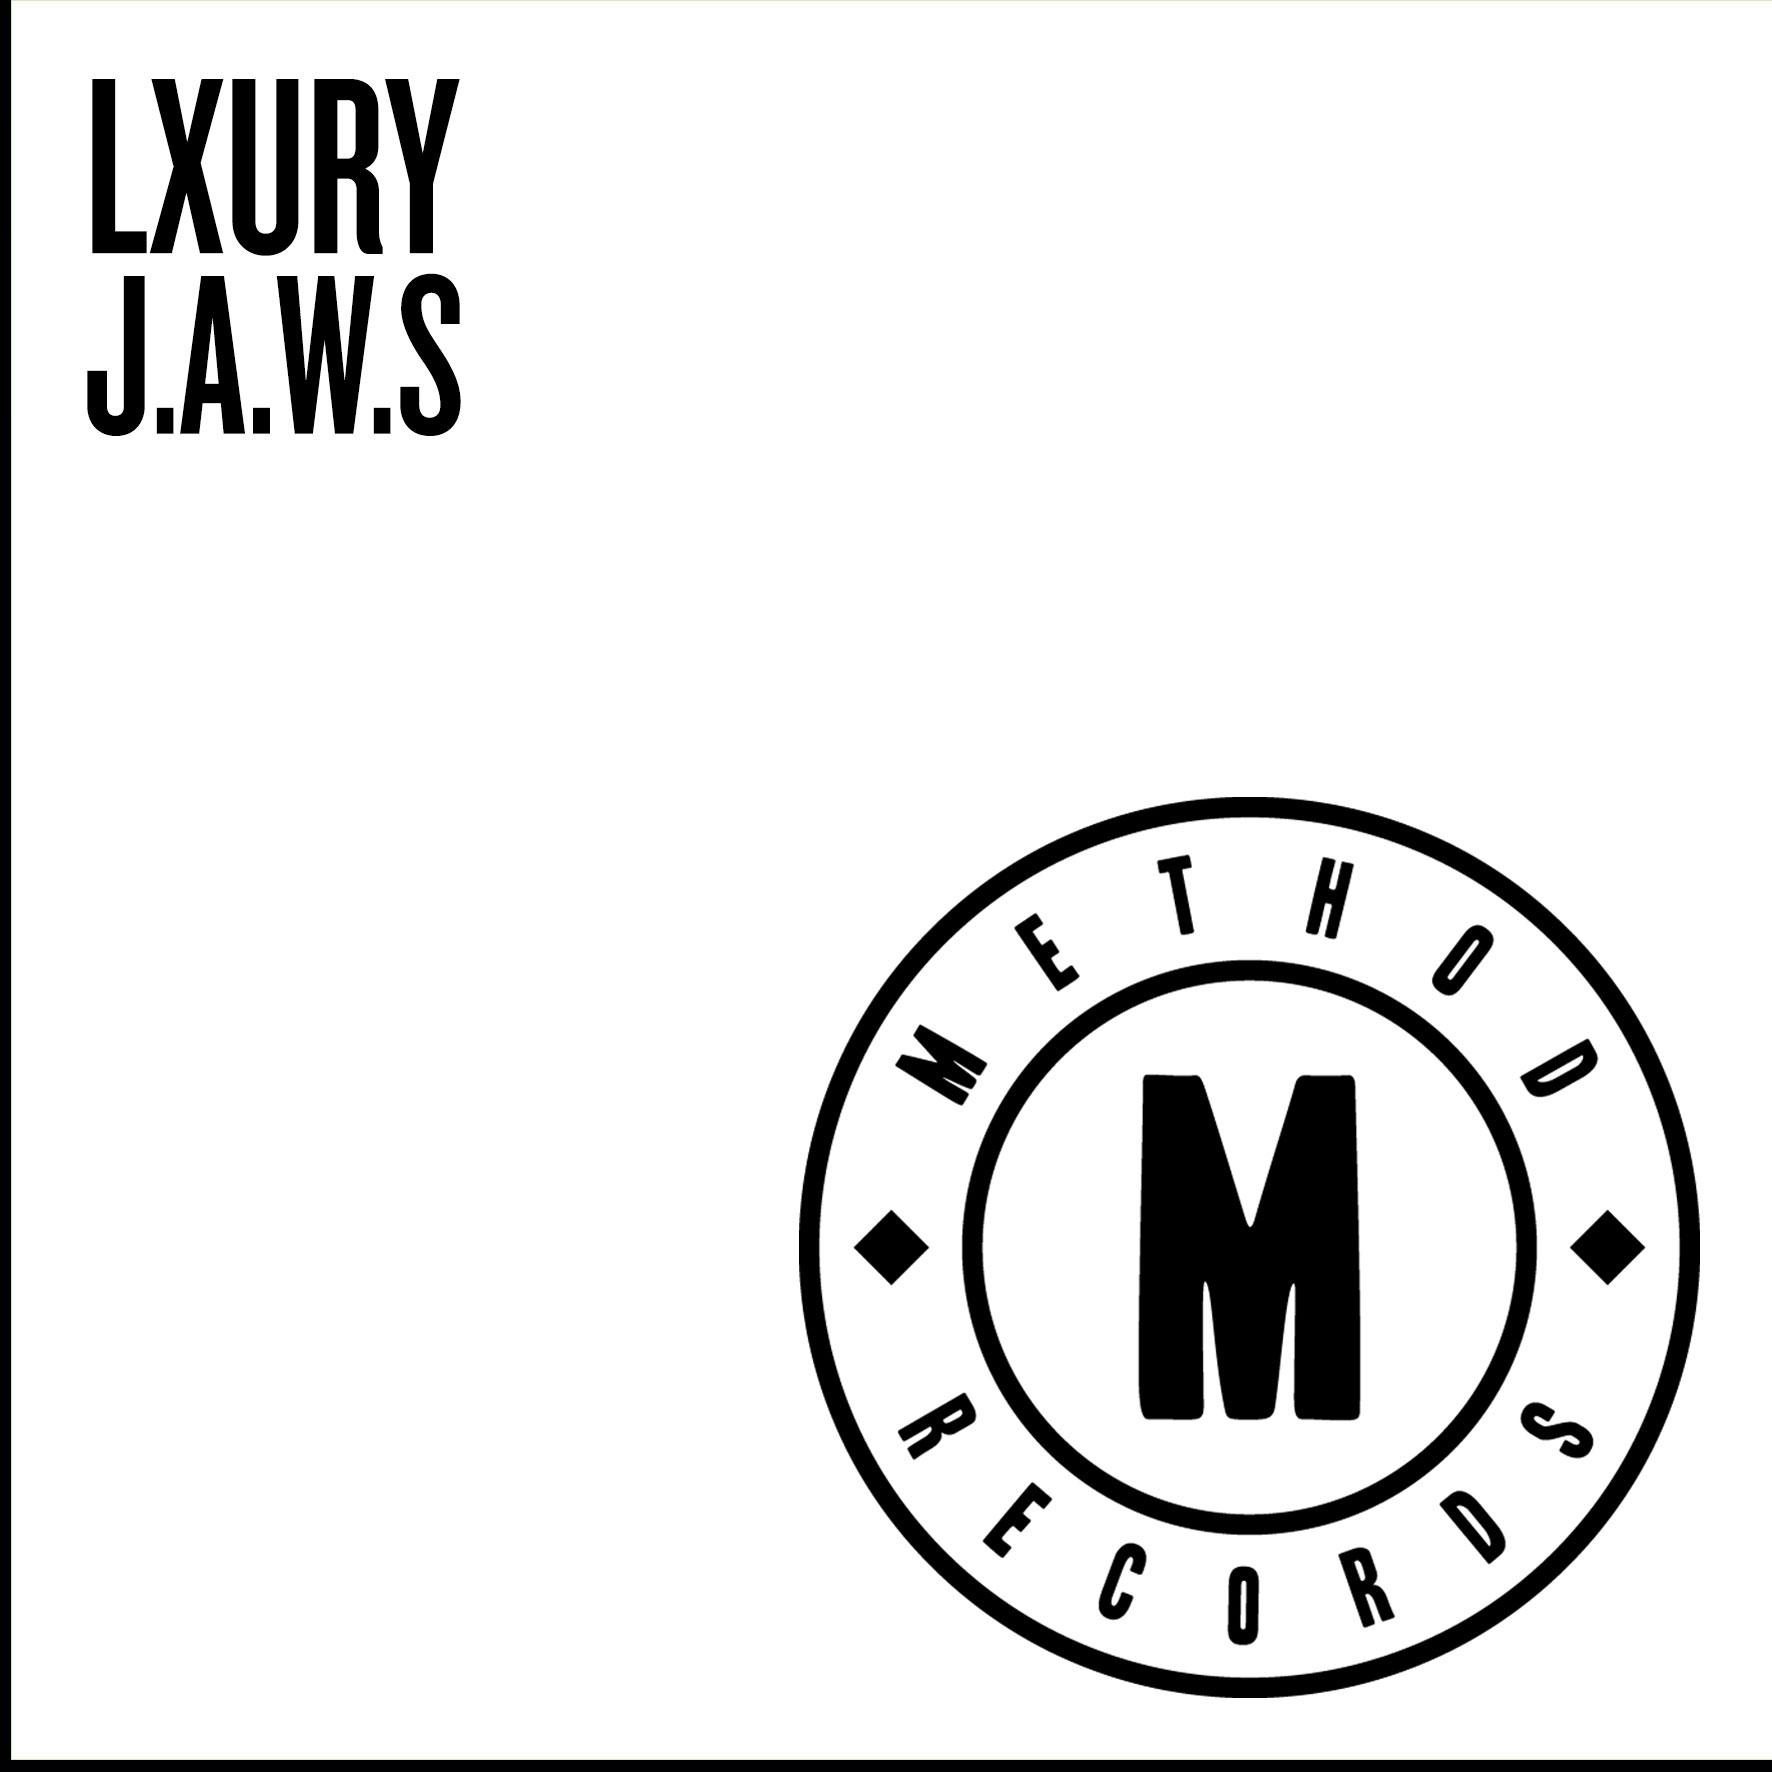 Lxury - J.A.W.S